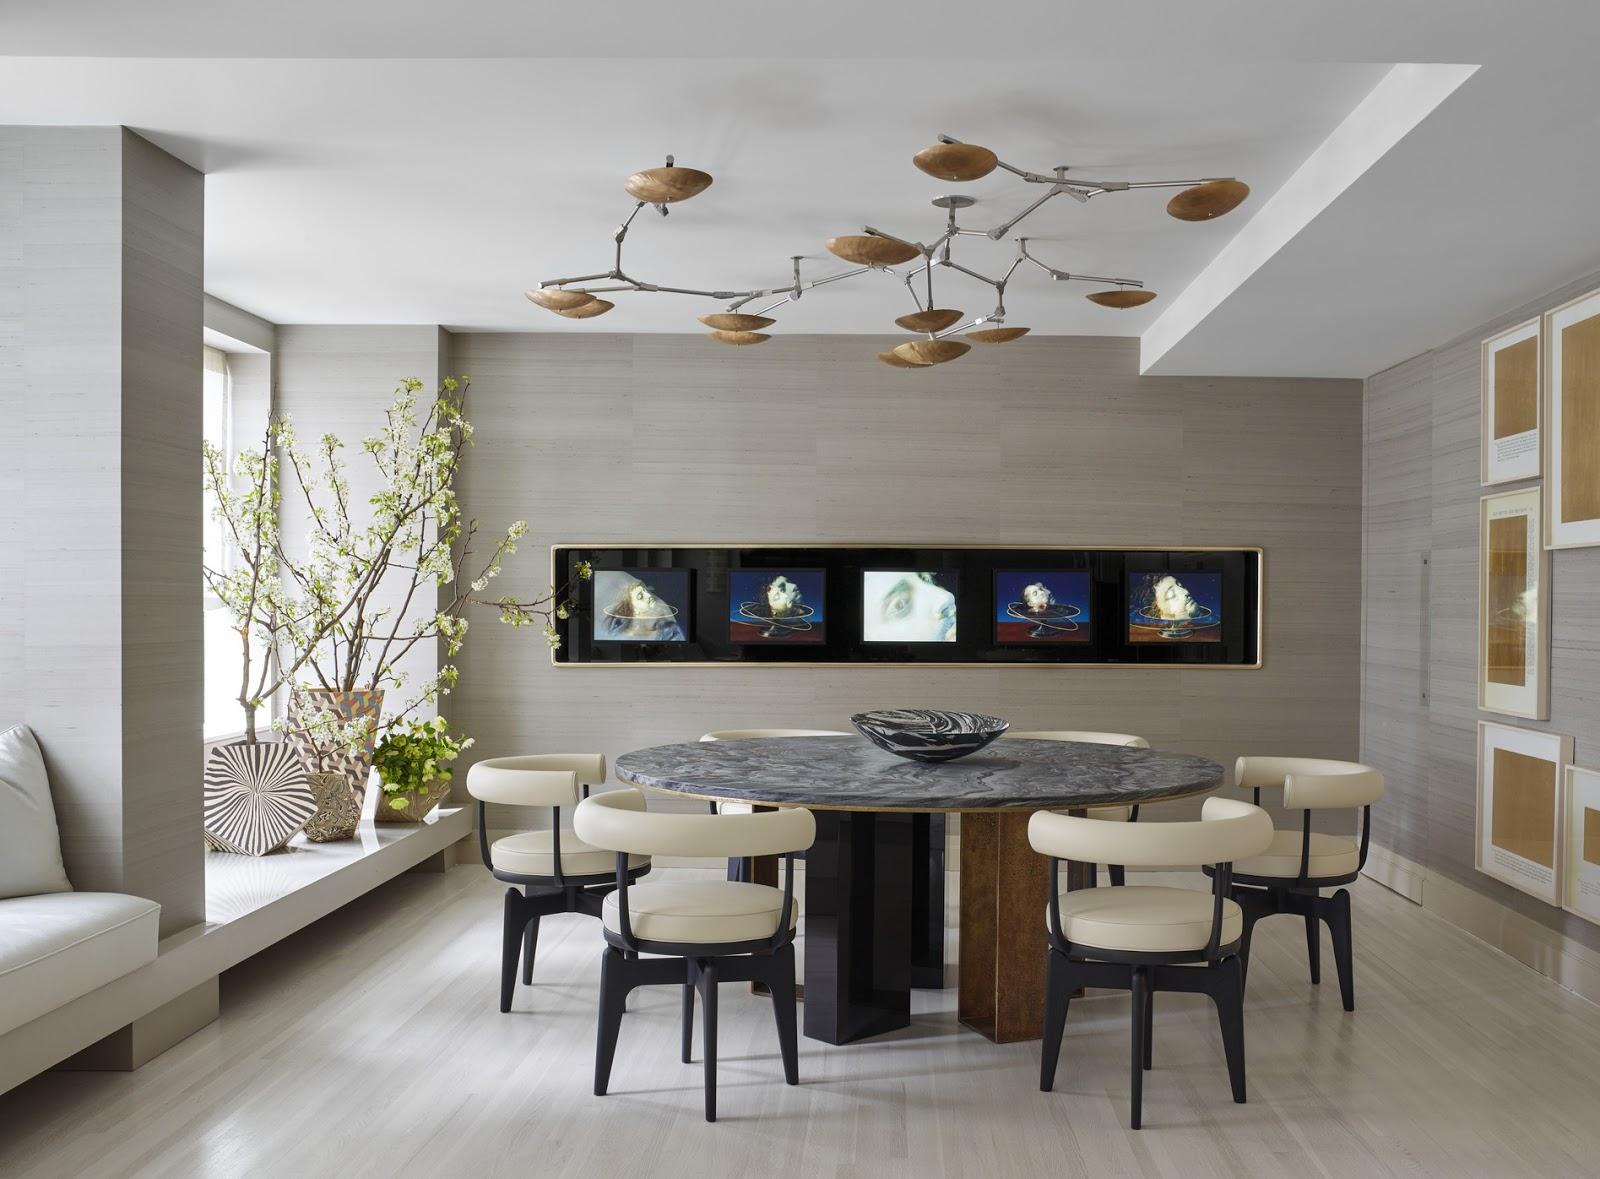 20 Desain Lantai Modern Ruang Makan Minimalis